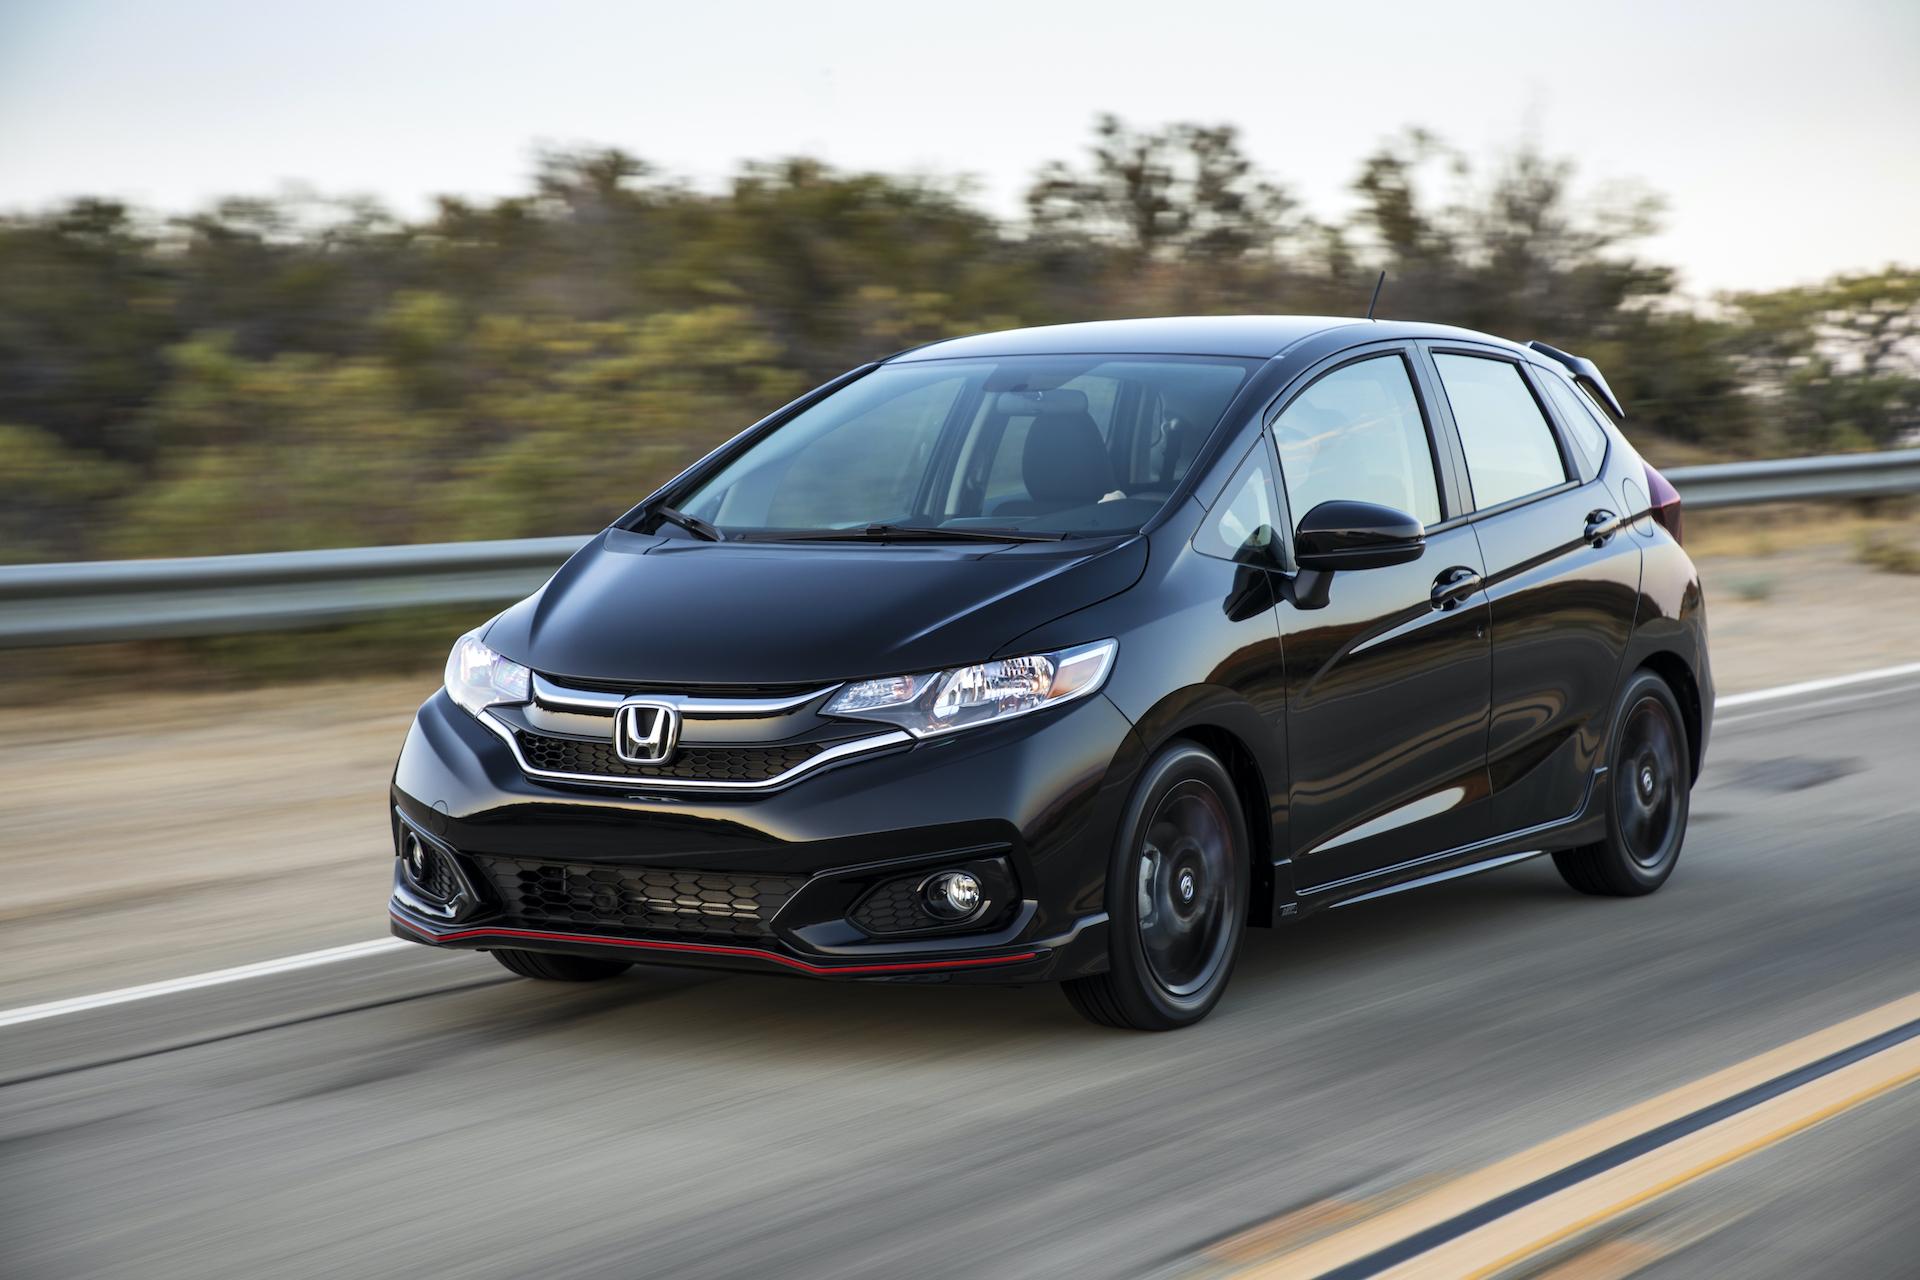 Kelebihan Kekurangan Honda Fit 2020 Murah Berkualitas